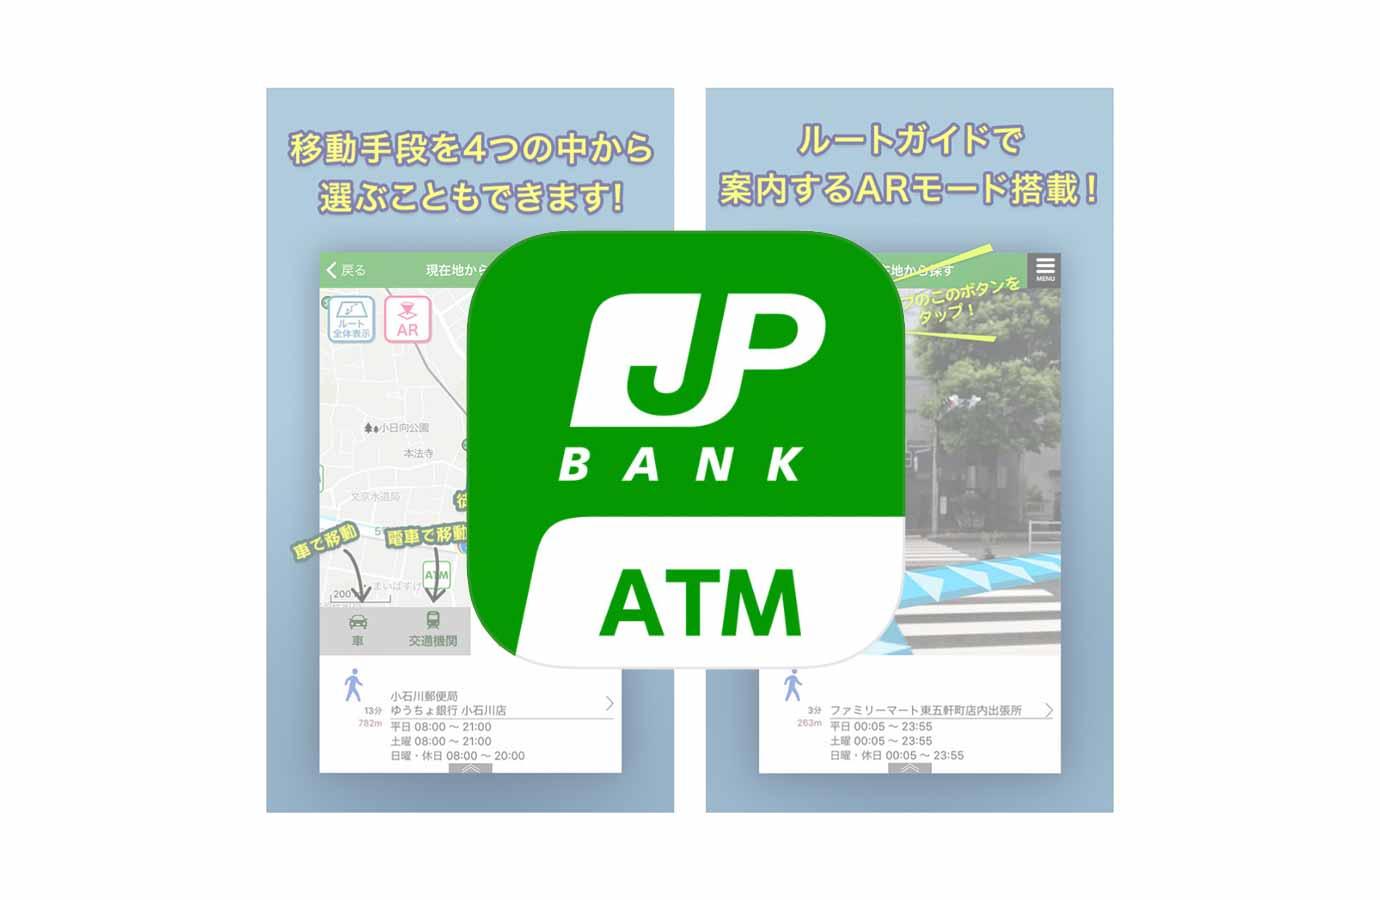 ゆうちょ銀行、iOSアプリ「ゆうちょ銀行ATM検索アプリ」リリース ― FREE Wi-Fiスポットや雨雲レーダーなども表示可能